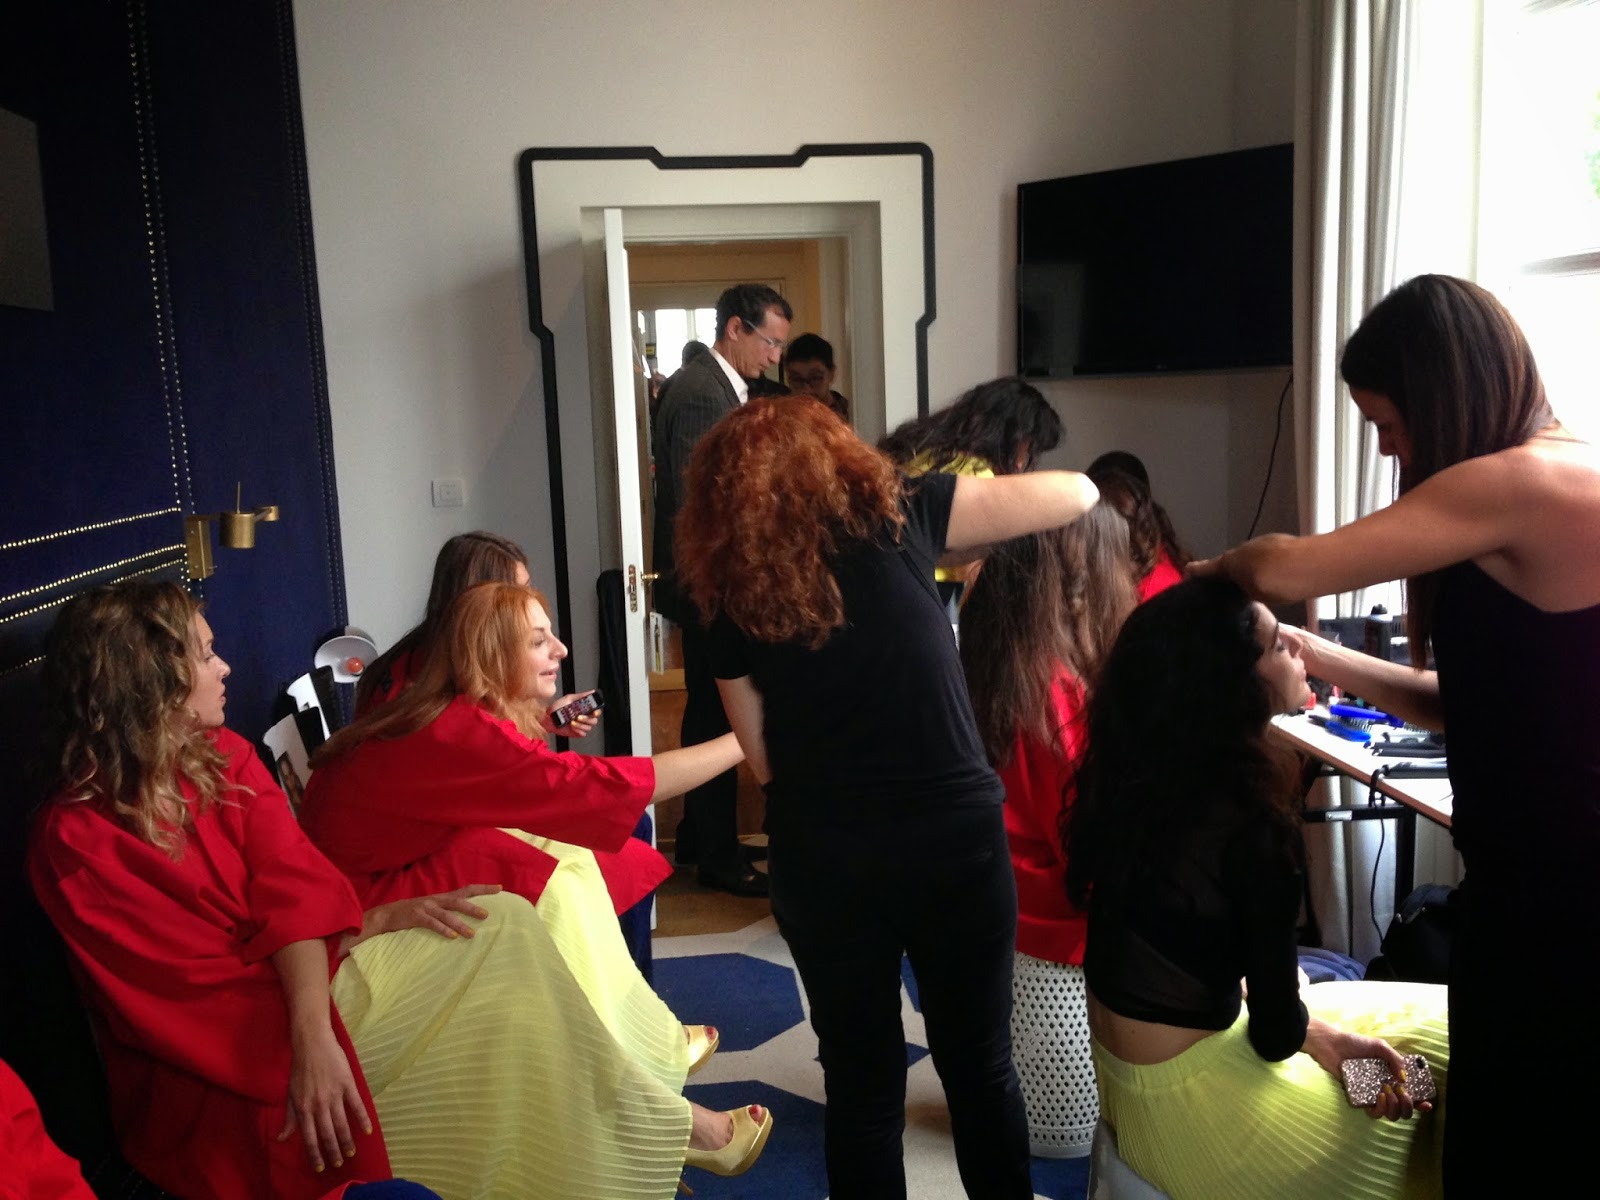 Preparación de modelos del desfile del Día del Escote Wonderbra - Foto: Amaya Barriuso